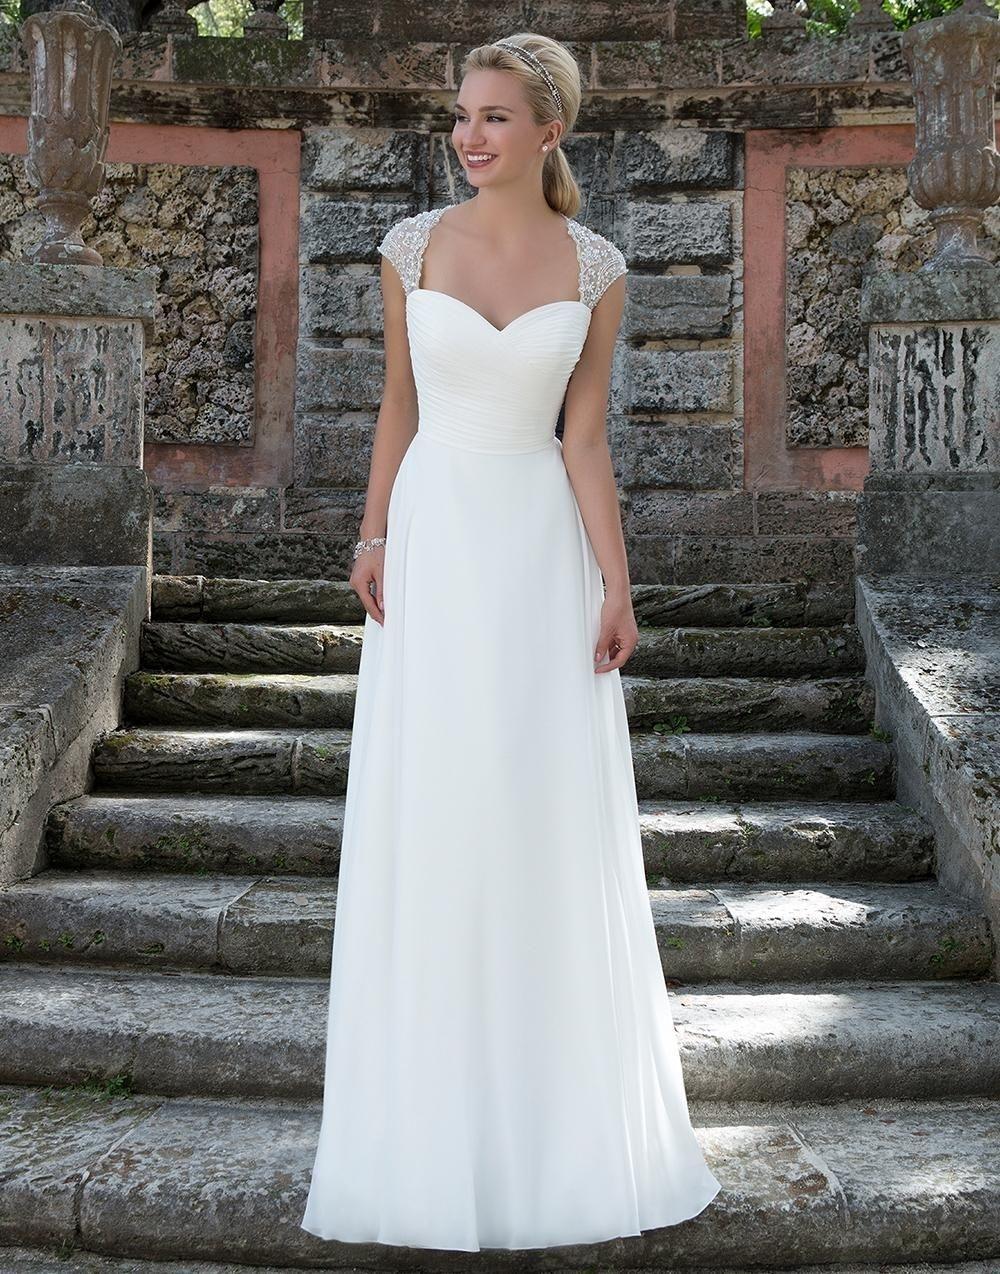 20 Wunderbar Hochzeitskleider Preise GalerieFormal Top Hochzeitskleider Preise Stylish